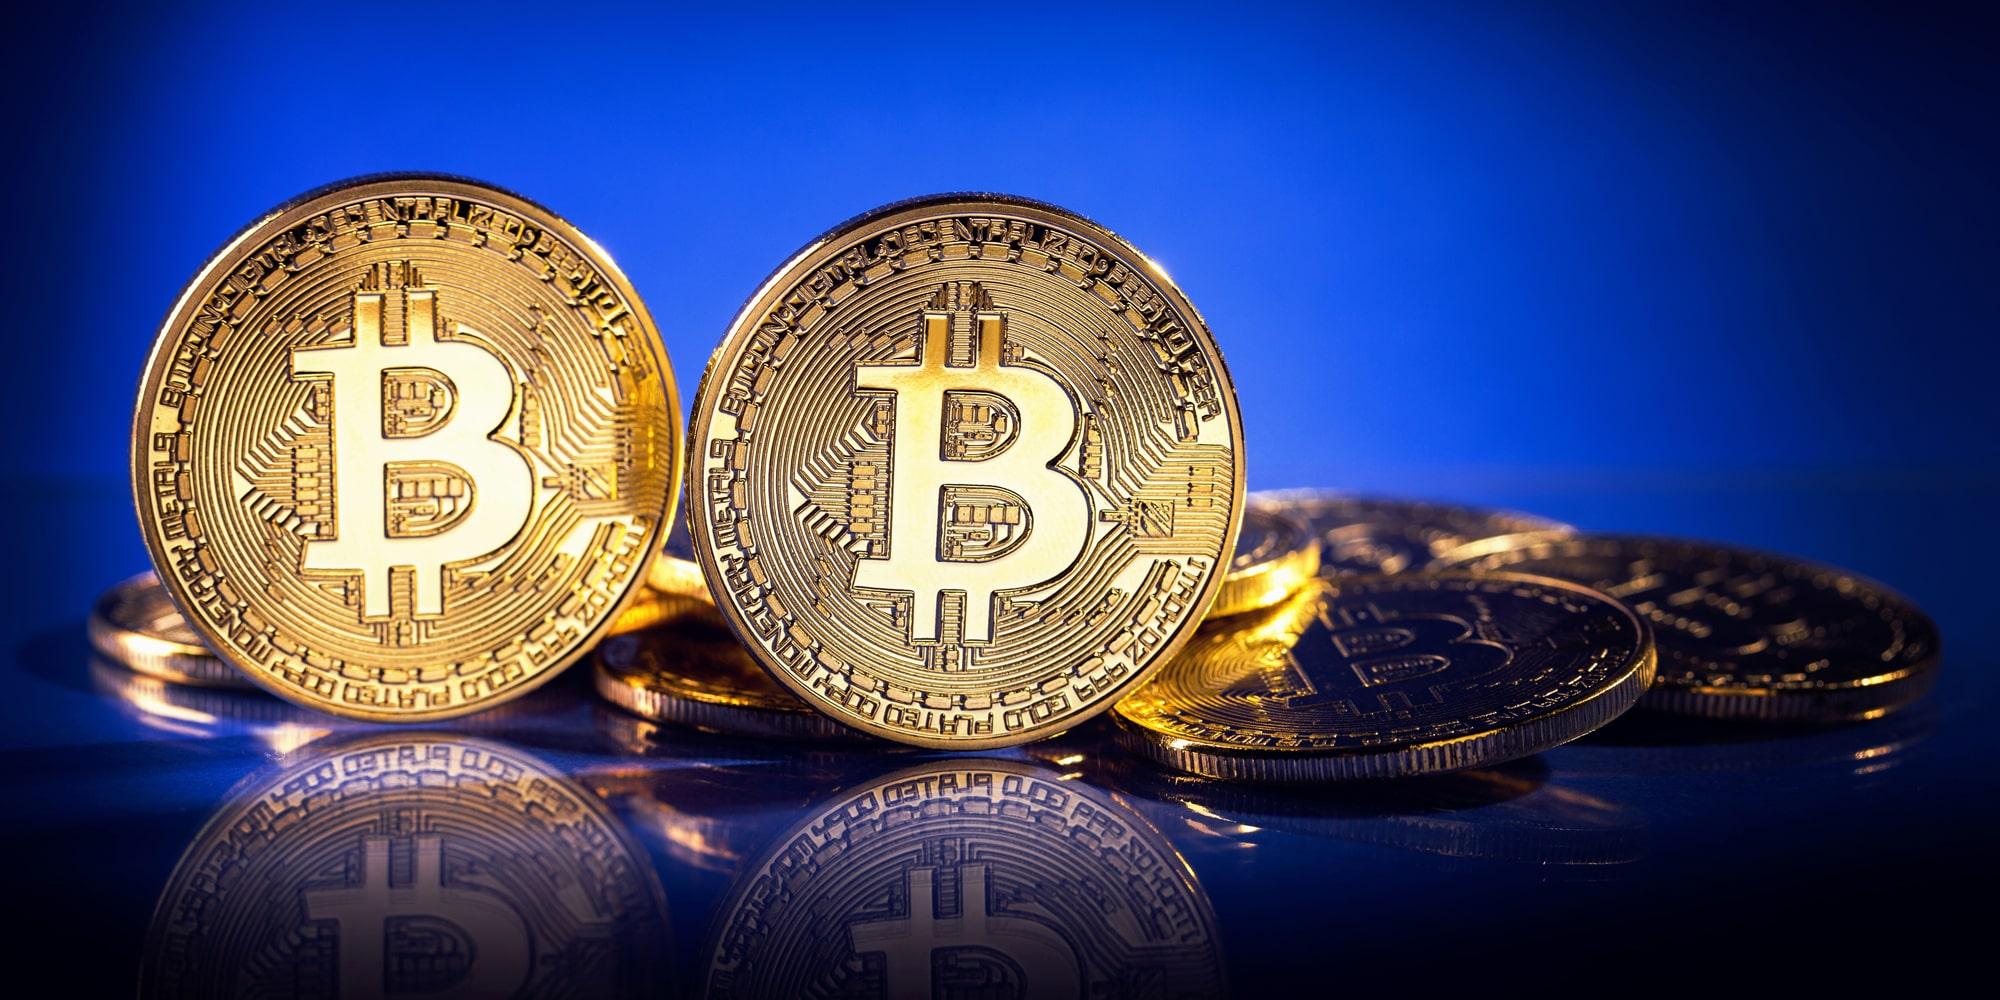 Kripto Para Borsalarında Büyük Göç Başladı Yatırımcılar Bitcoin'lerini BTC Taşıyor